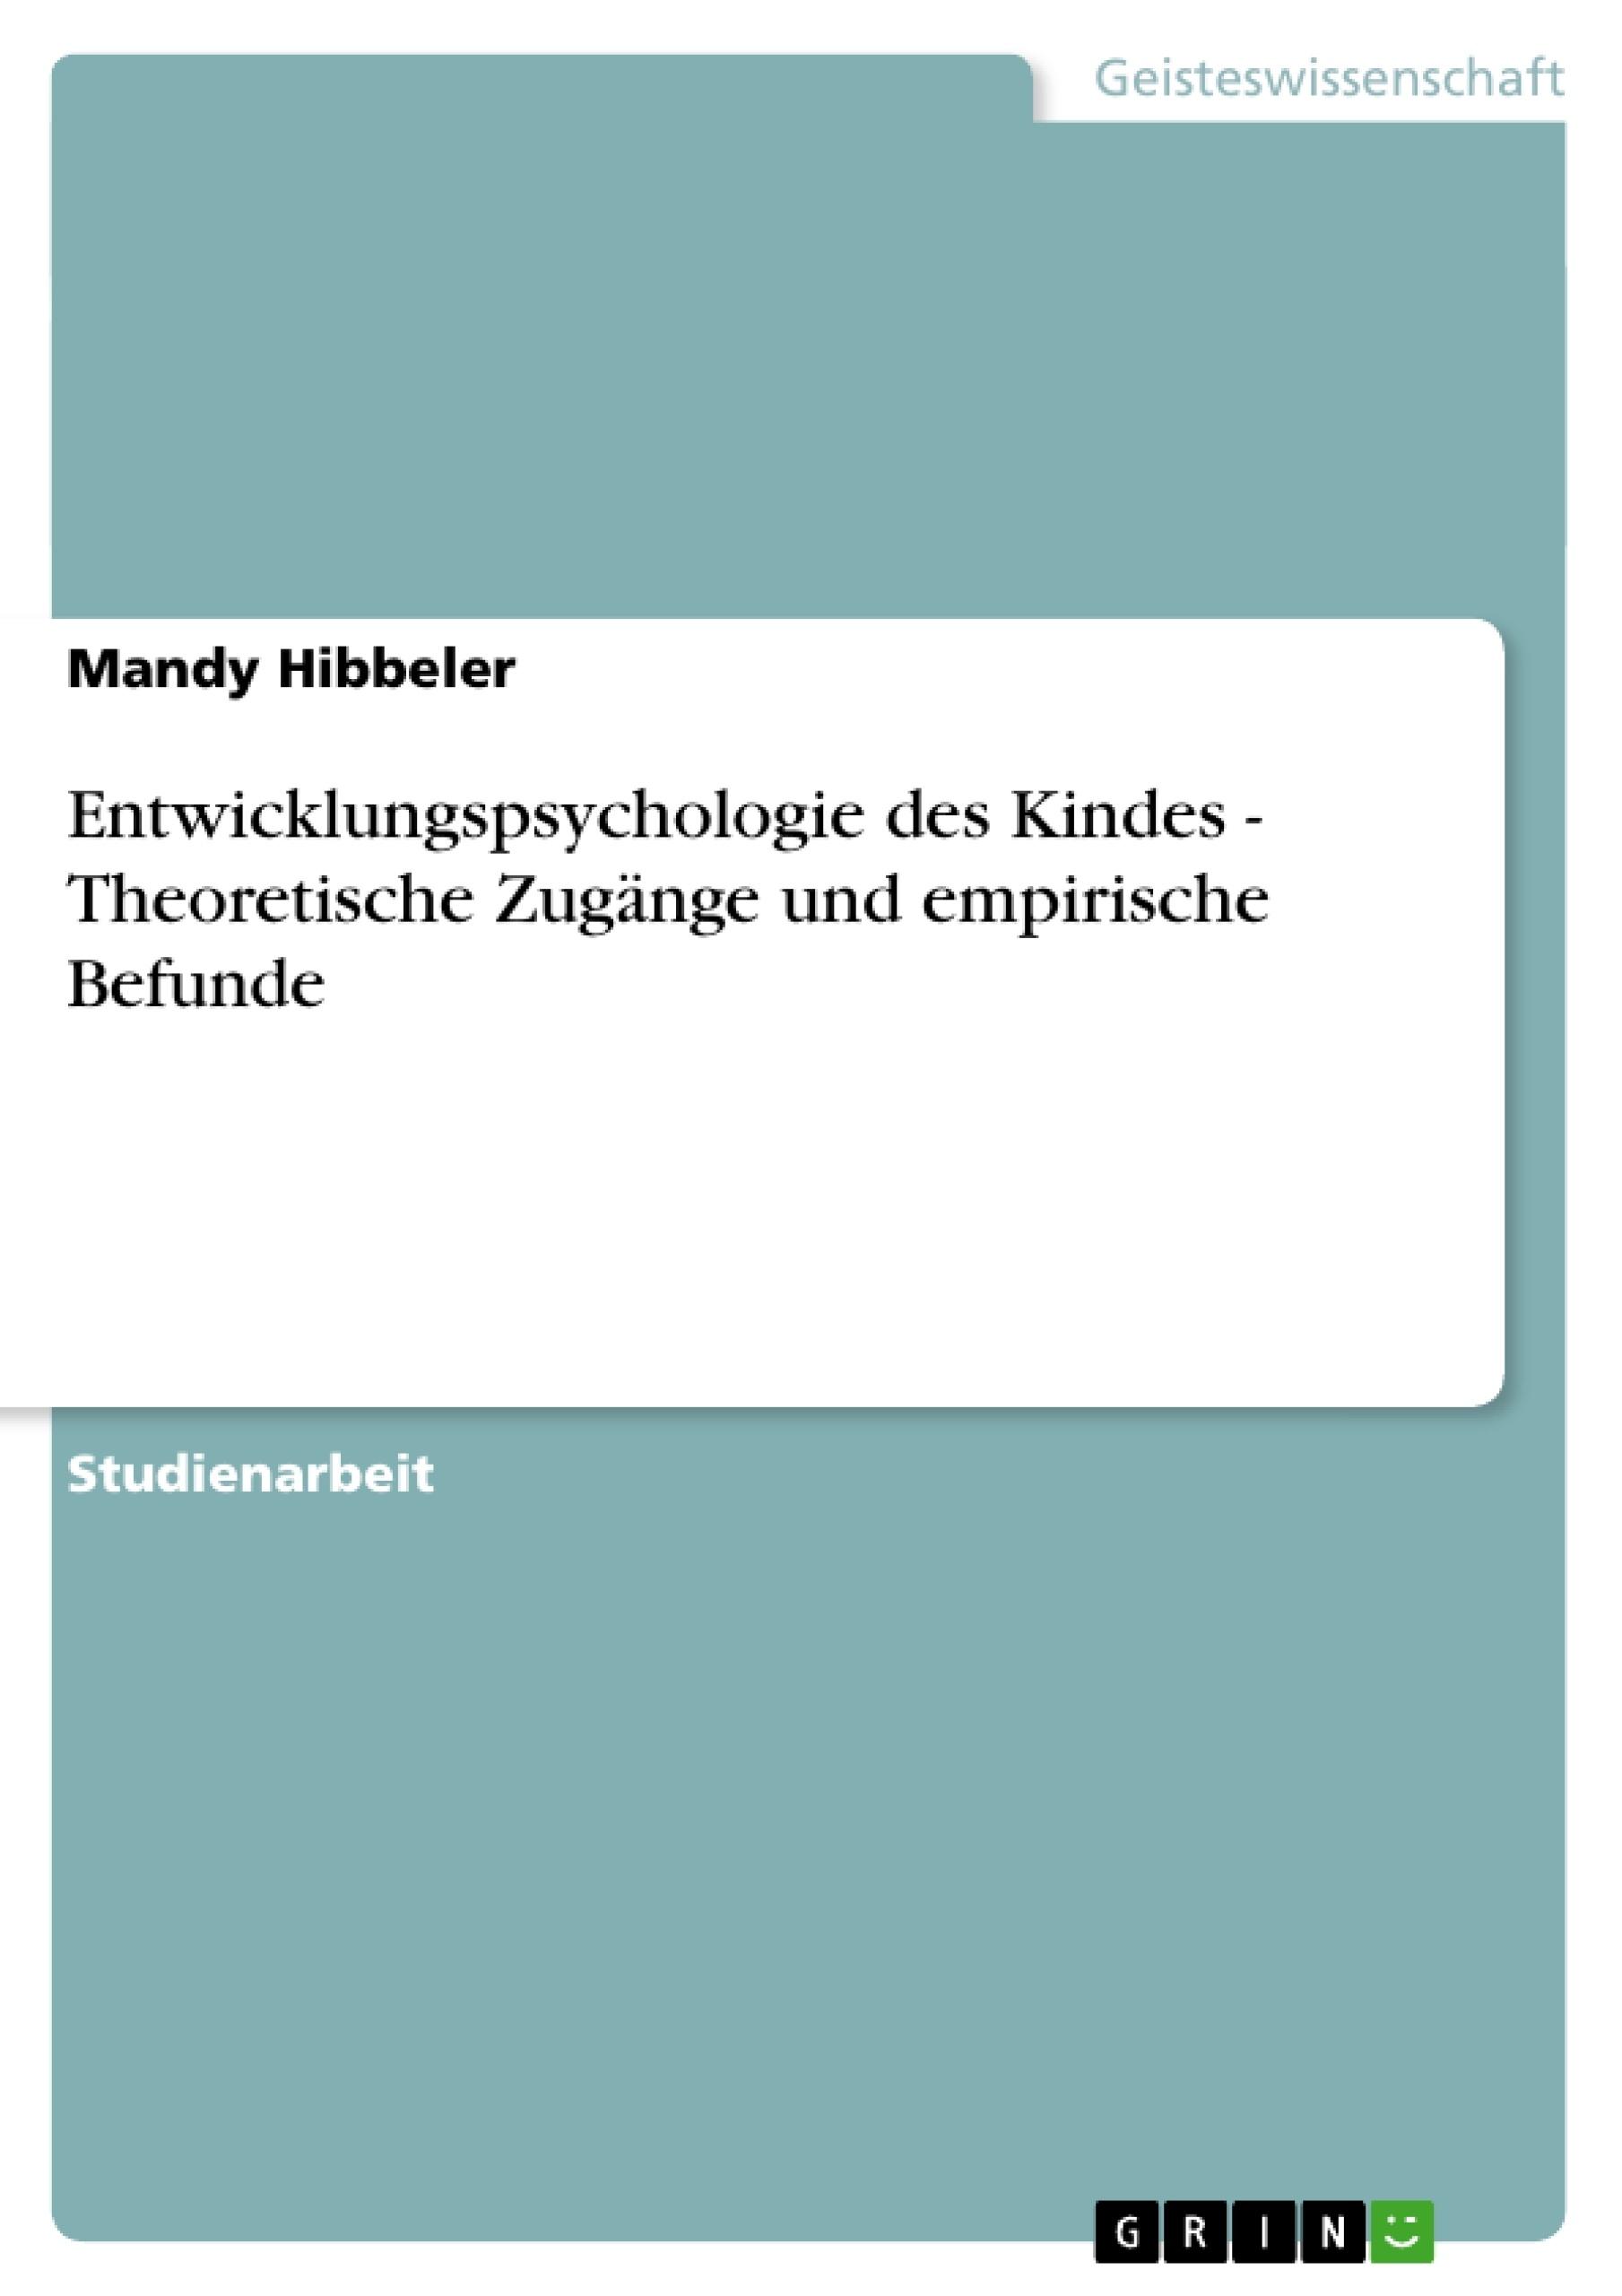 Titel: Entwicklungspsychologie des Kindes - Theoretische Zugänge und empirische Befunde